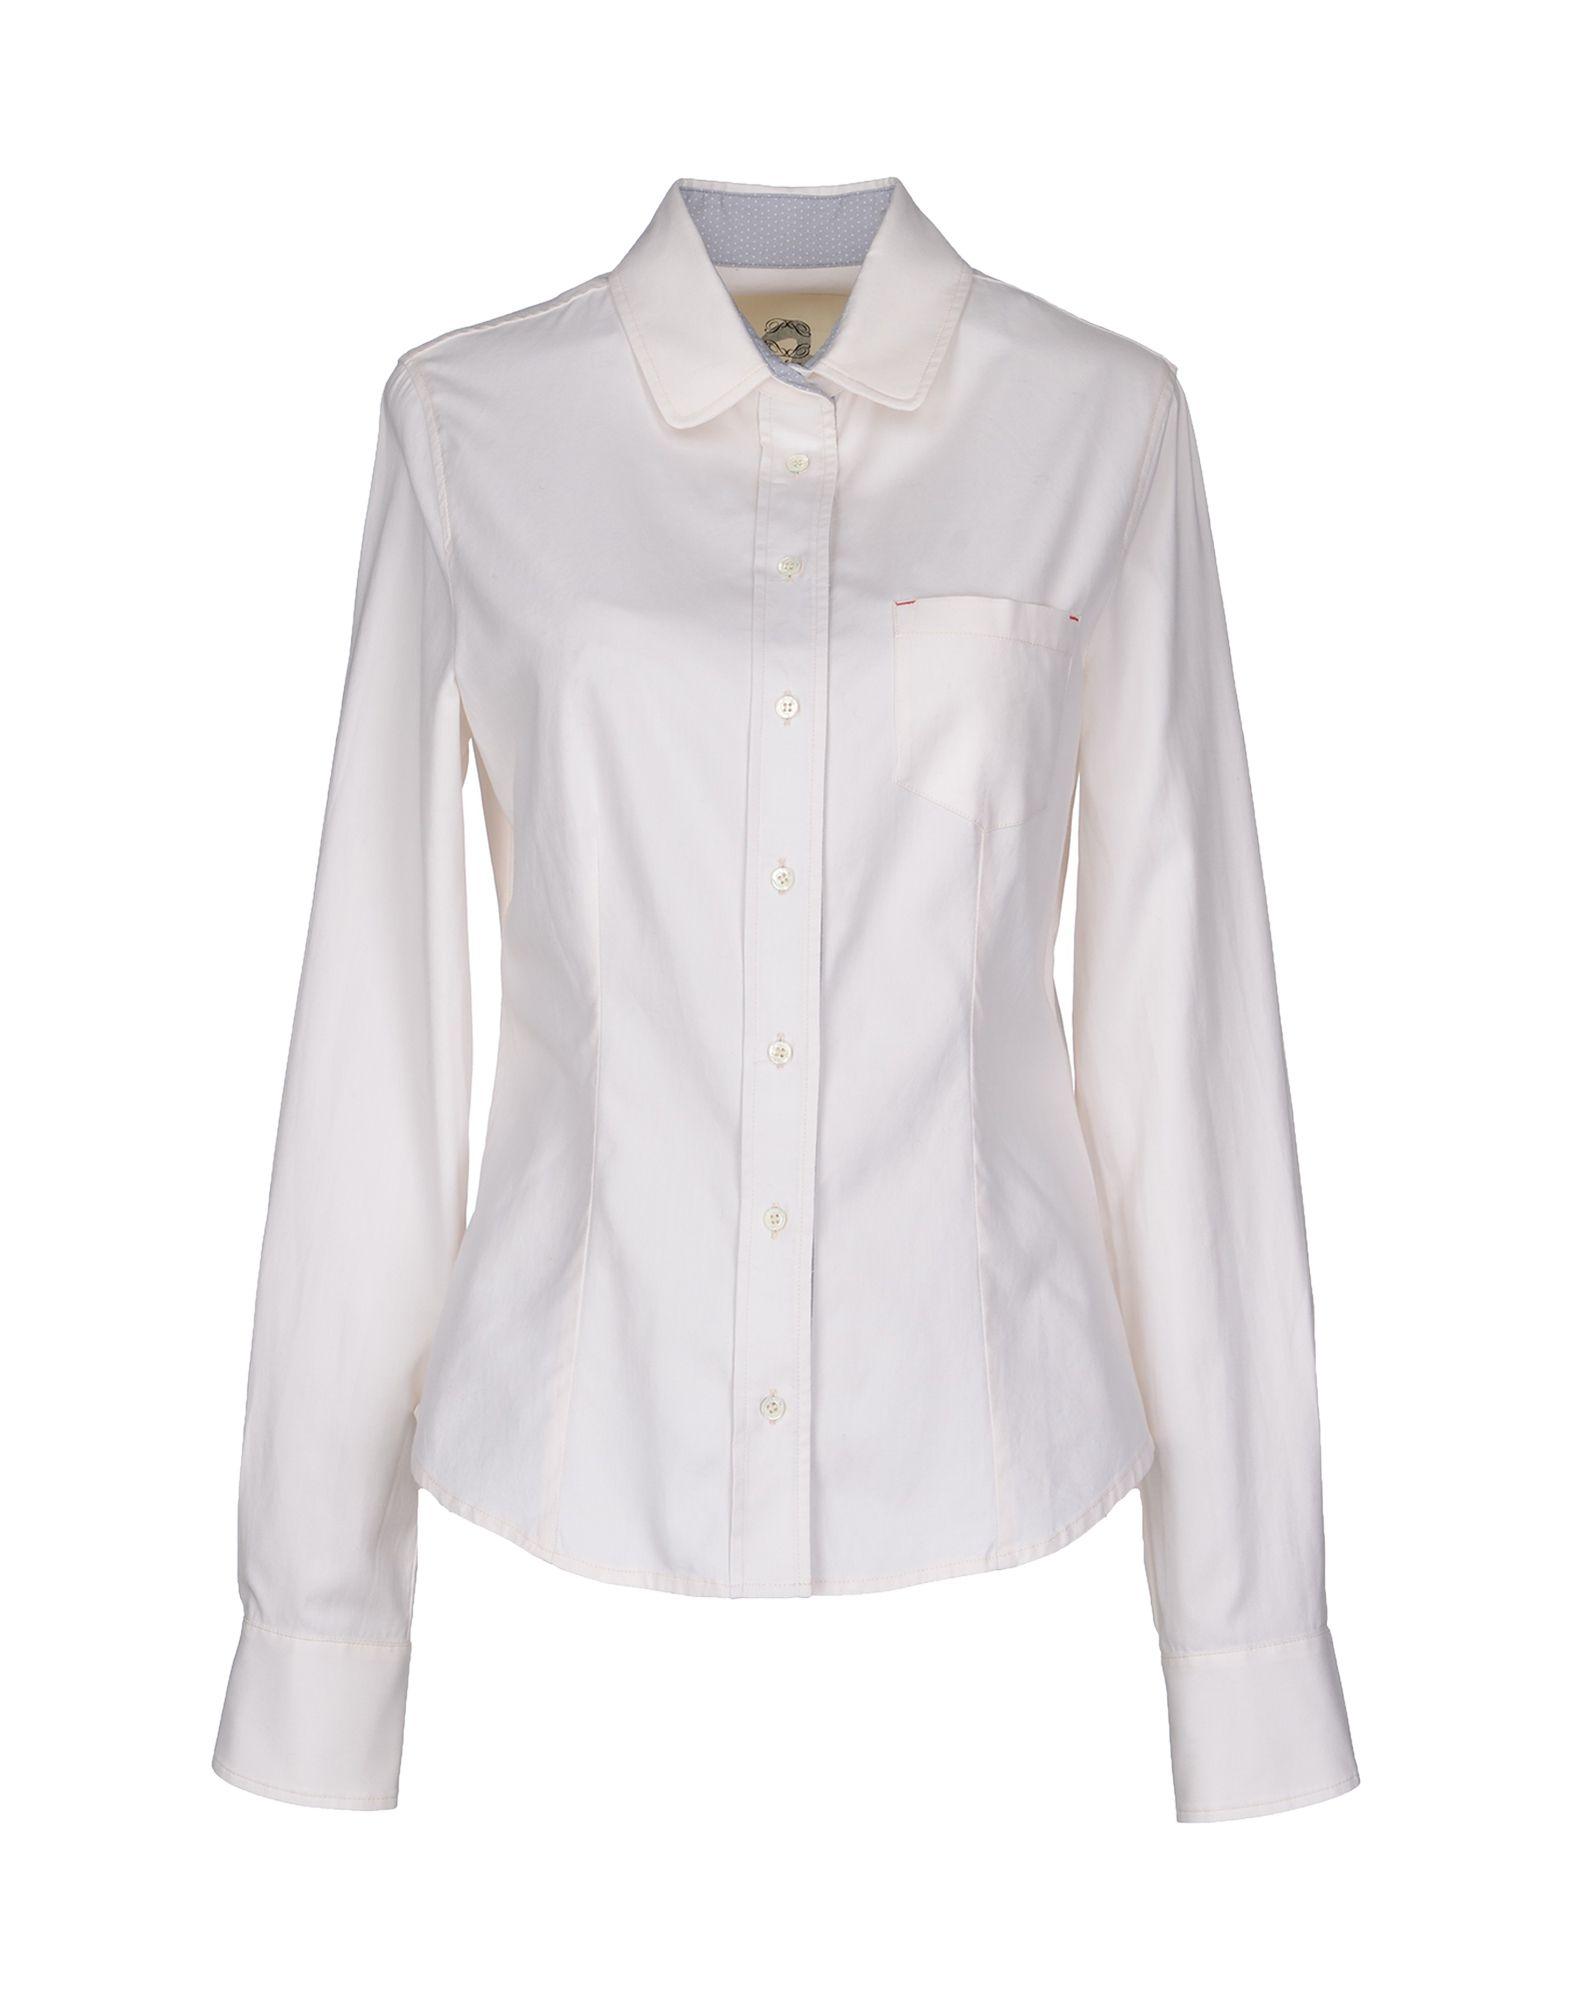 PATRIZIA PEPE Рубашка с длинными рукавами cityplus фан арт воротник диких дна рубашка рыхлая с длинными рукавами розовая рубашка cwcc172473 l